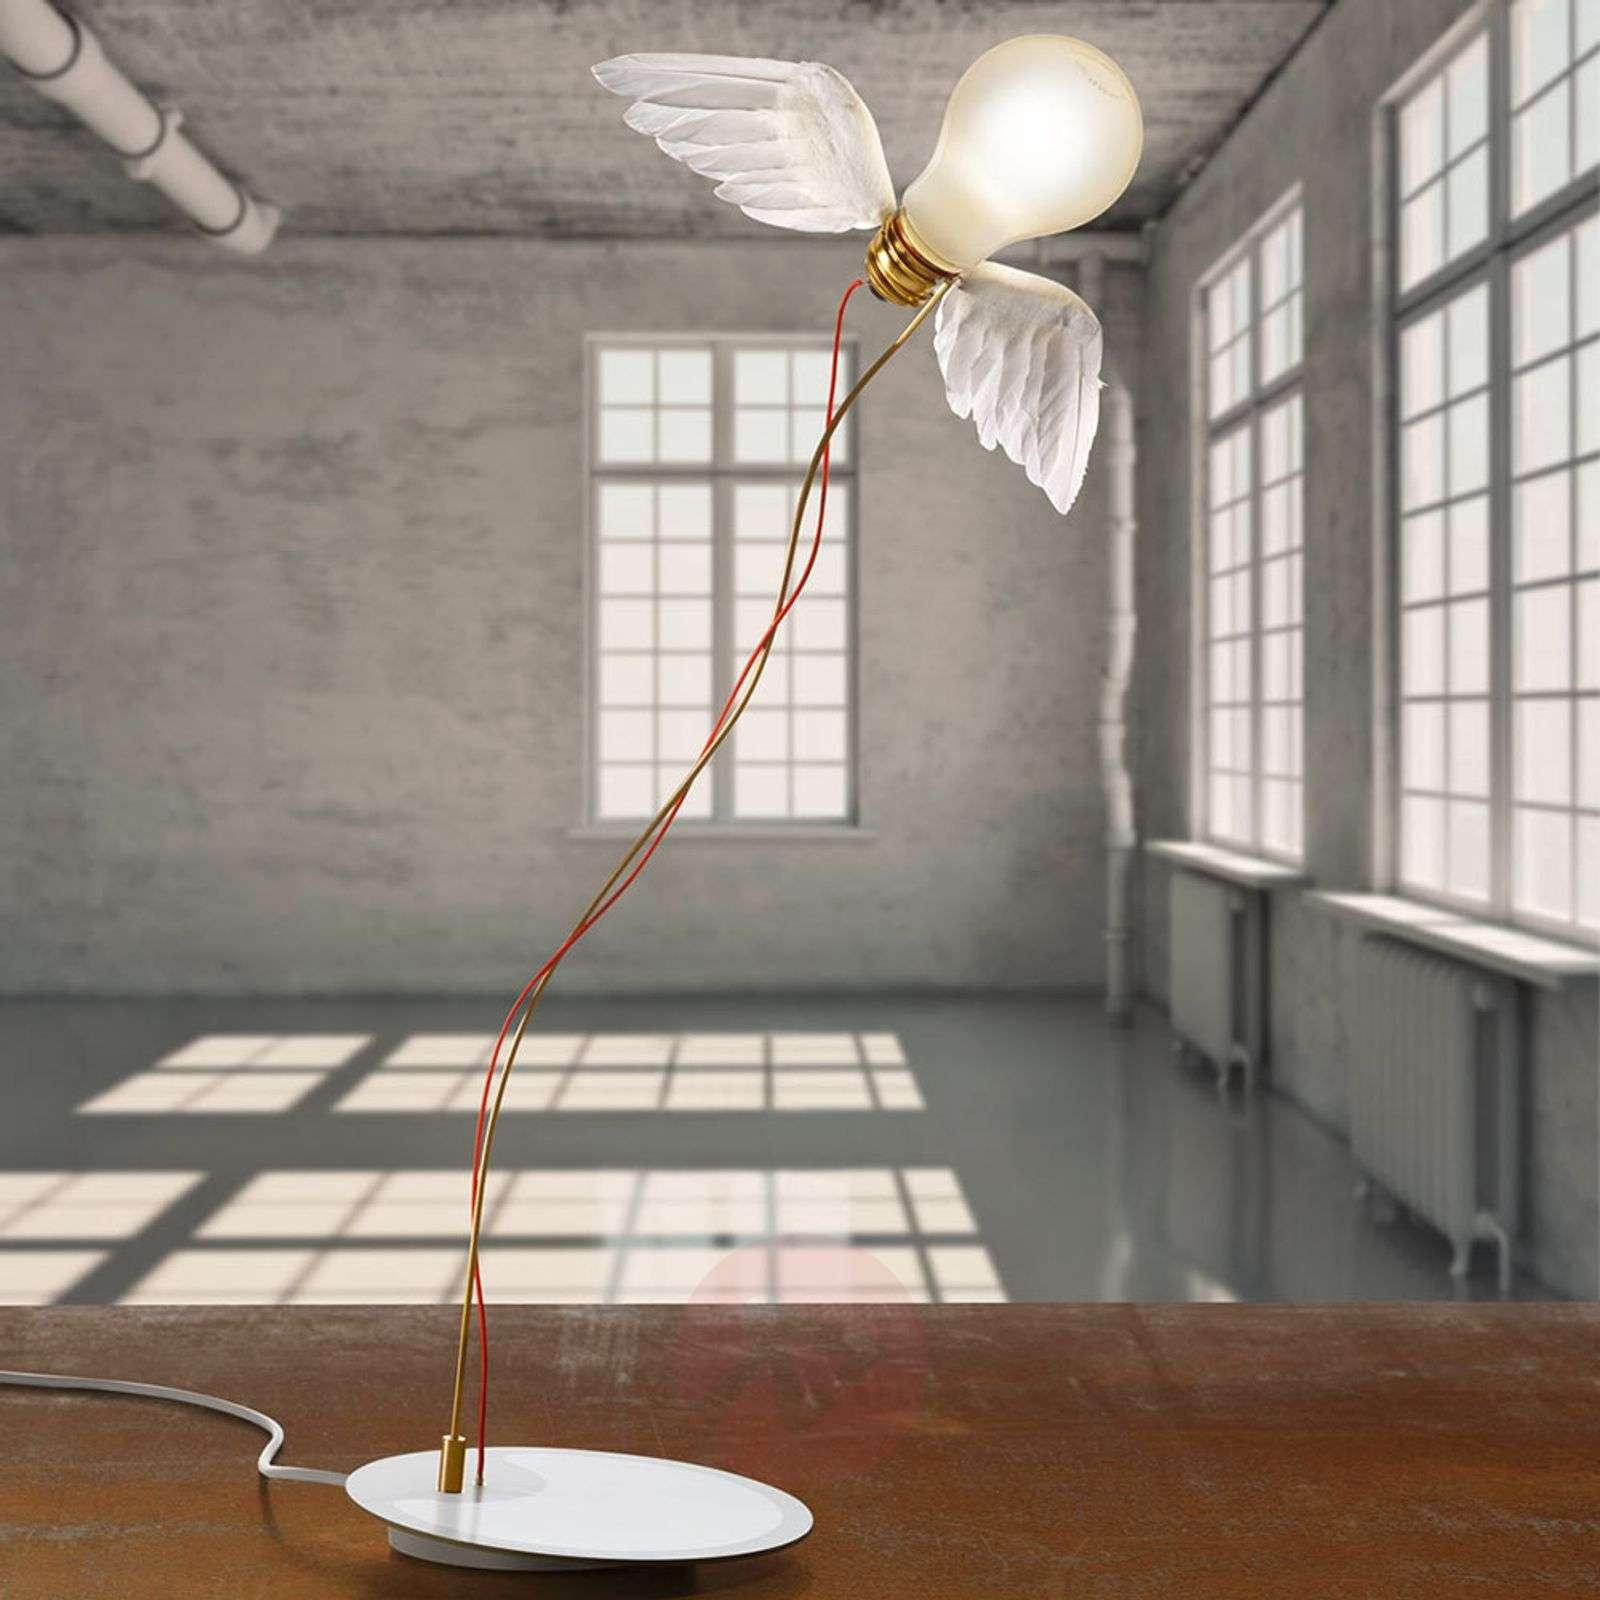 Ingo Maurer Lucellino LED pöytävalaisin-5026101-01